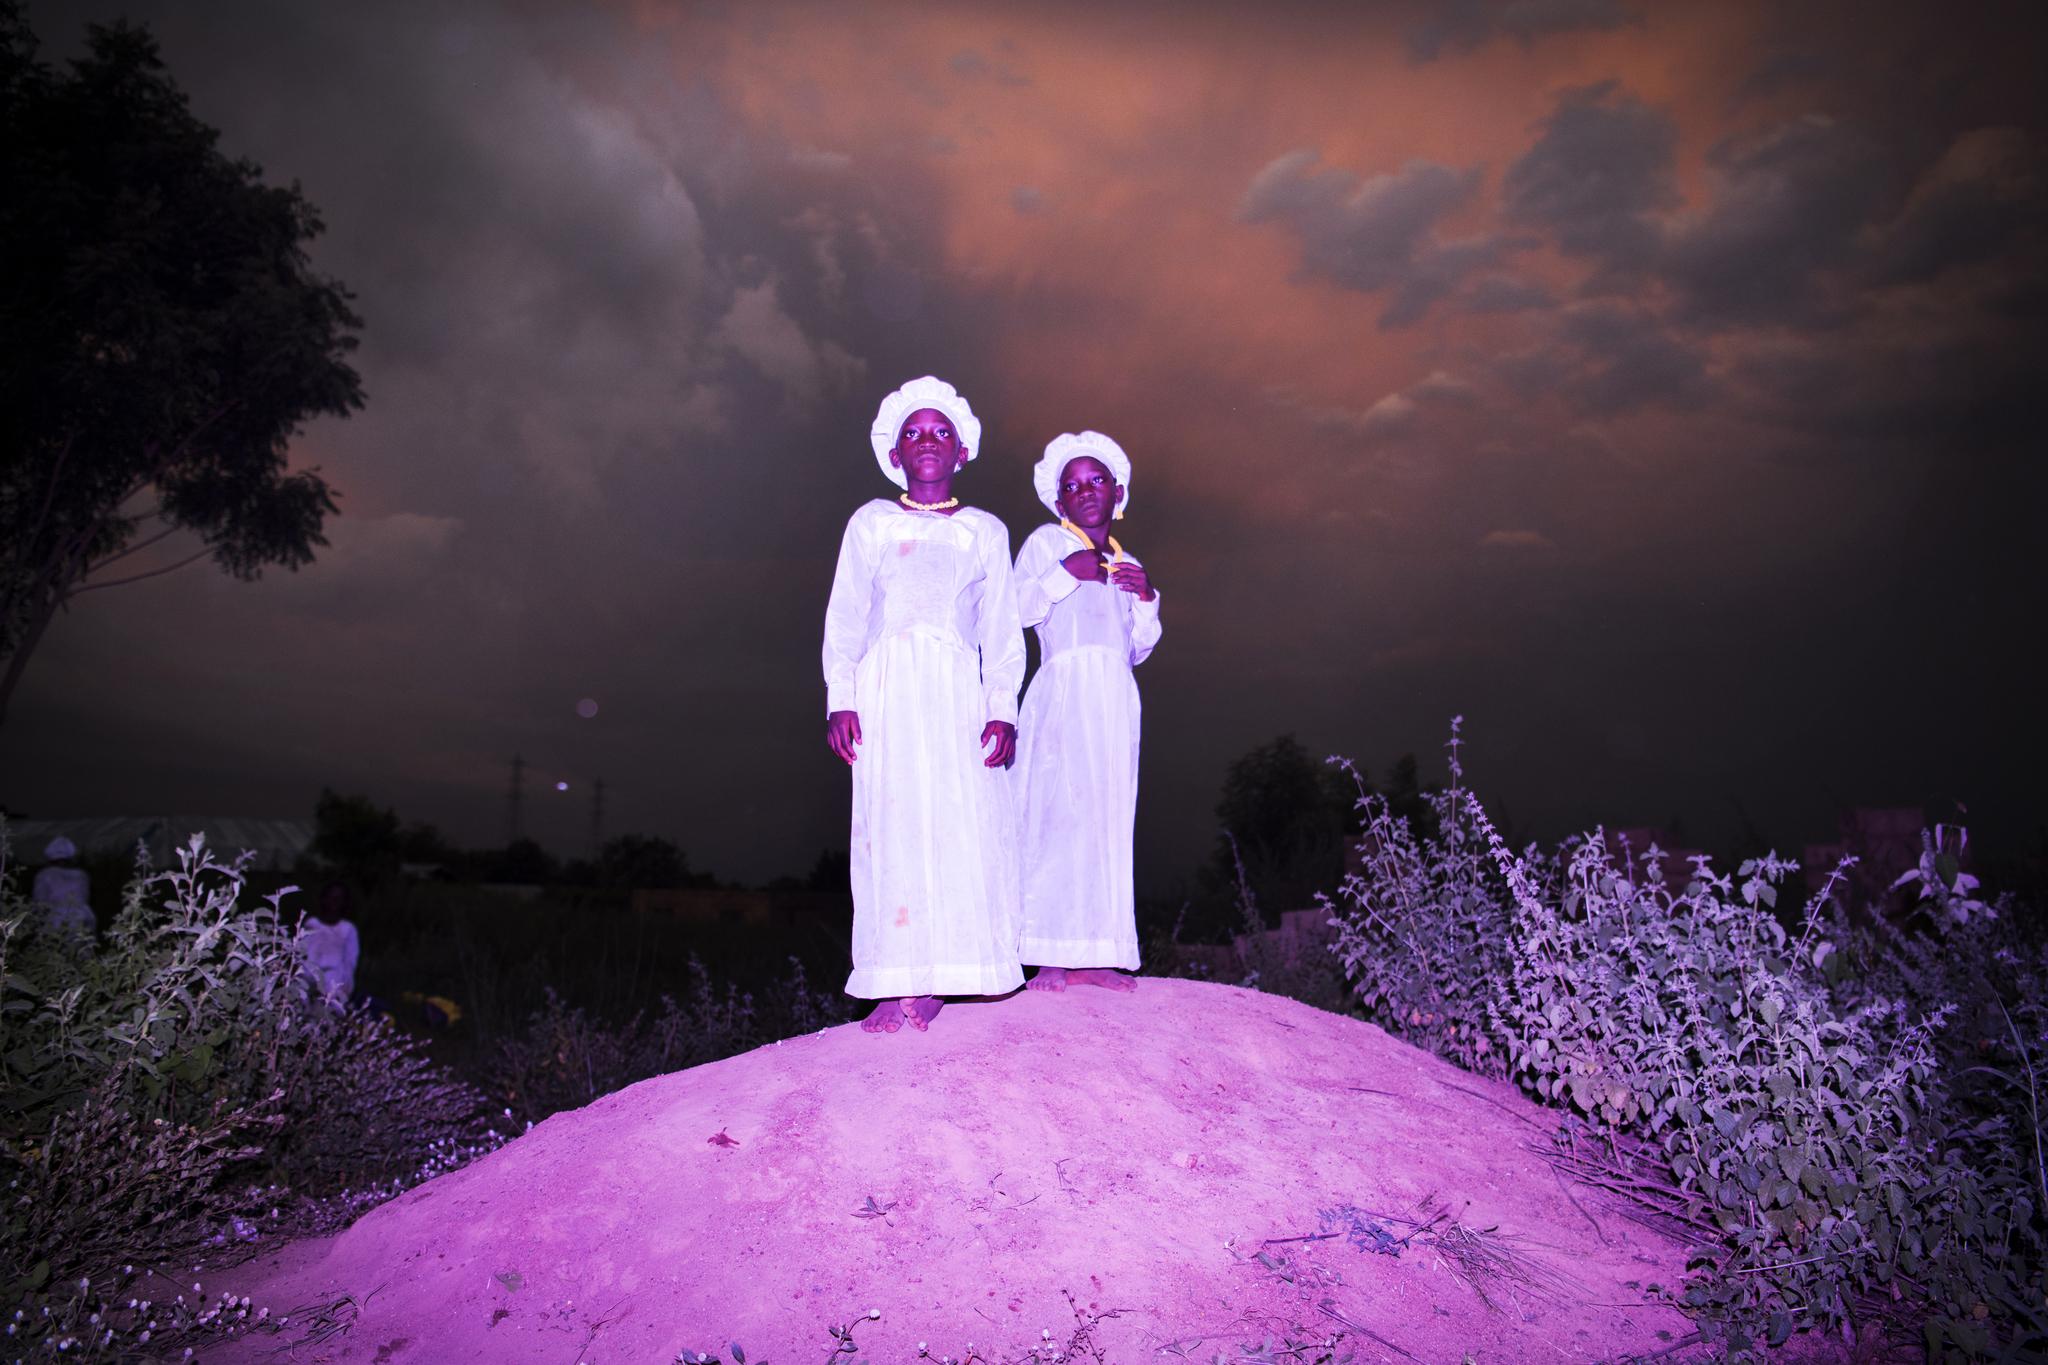 한 나이지리아 쌍둥이 자매가 교회를 가기 위한 복장을 입고 사진 촬영에 나섰다. 나이지리아는 전 세계에서 쌍둥이 출산율이 가장 높은 나라 중 한곳이다.[AP=연합뉴스]